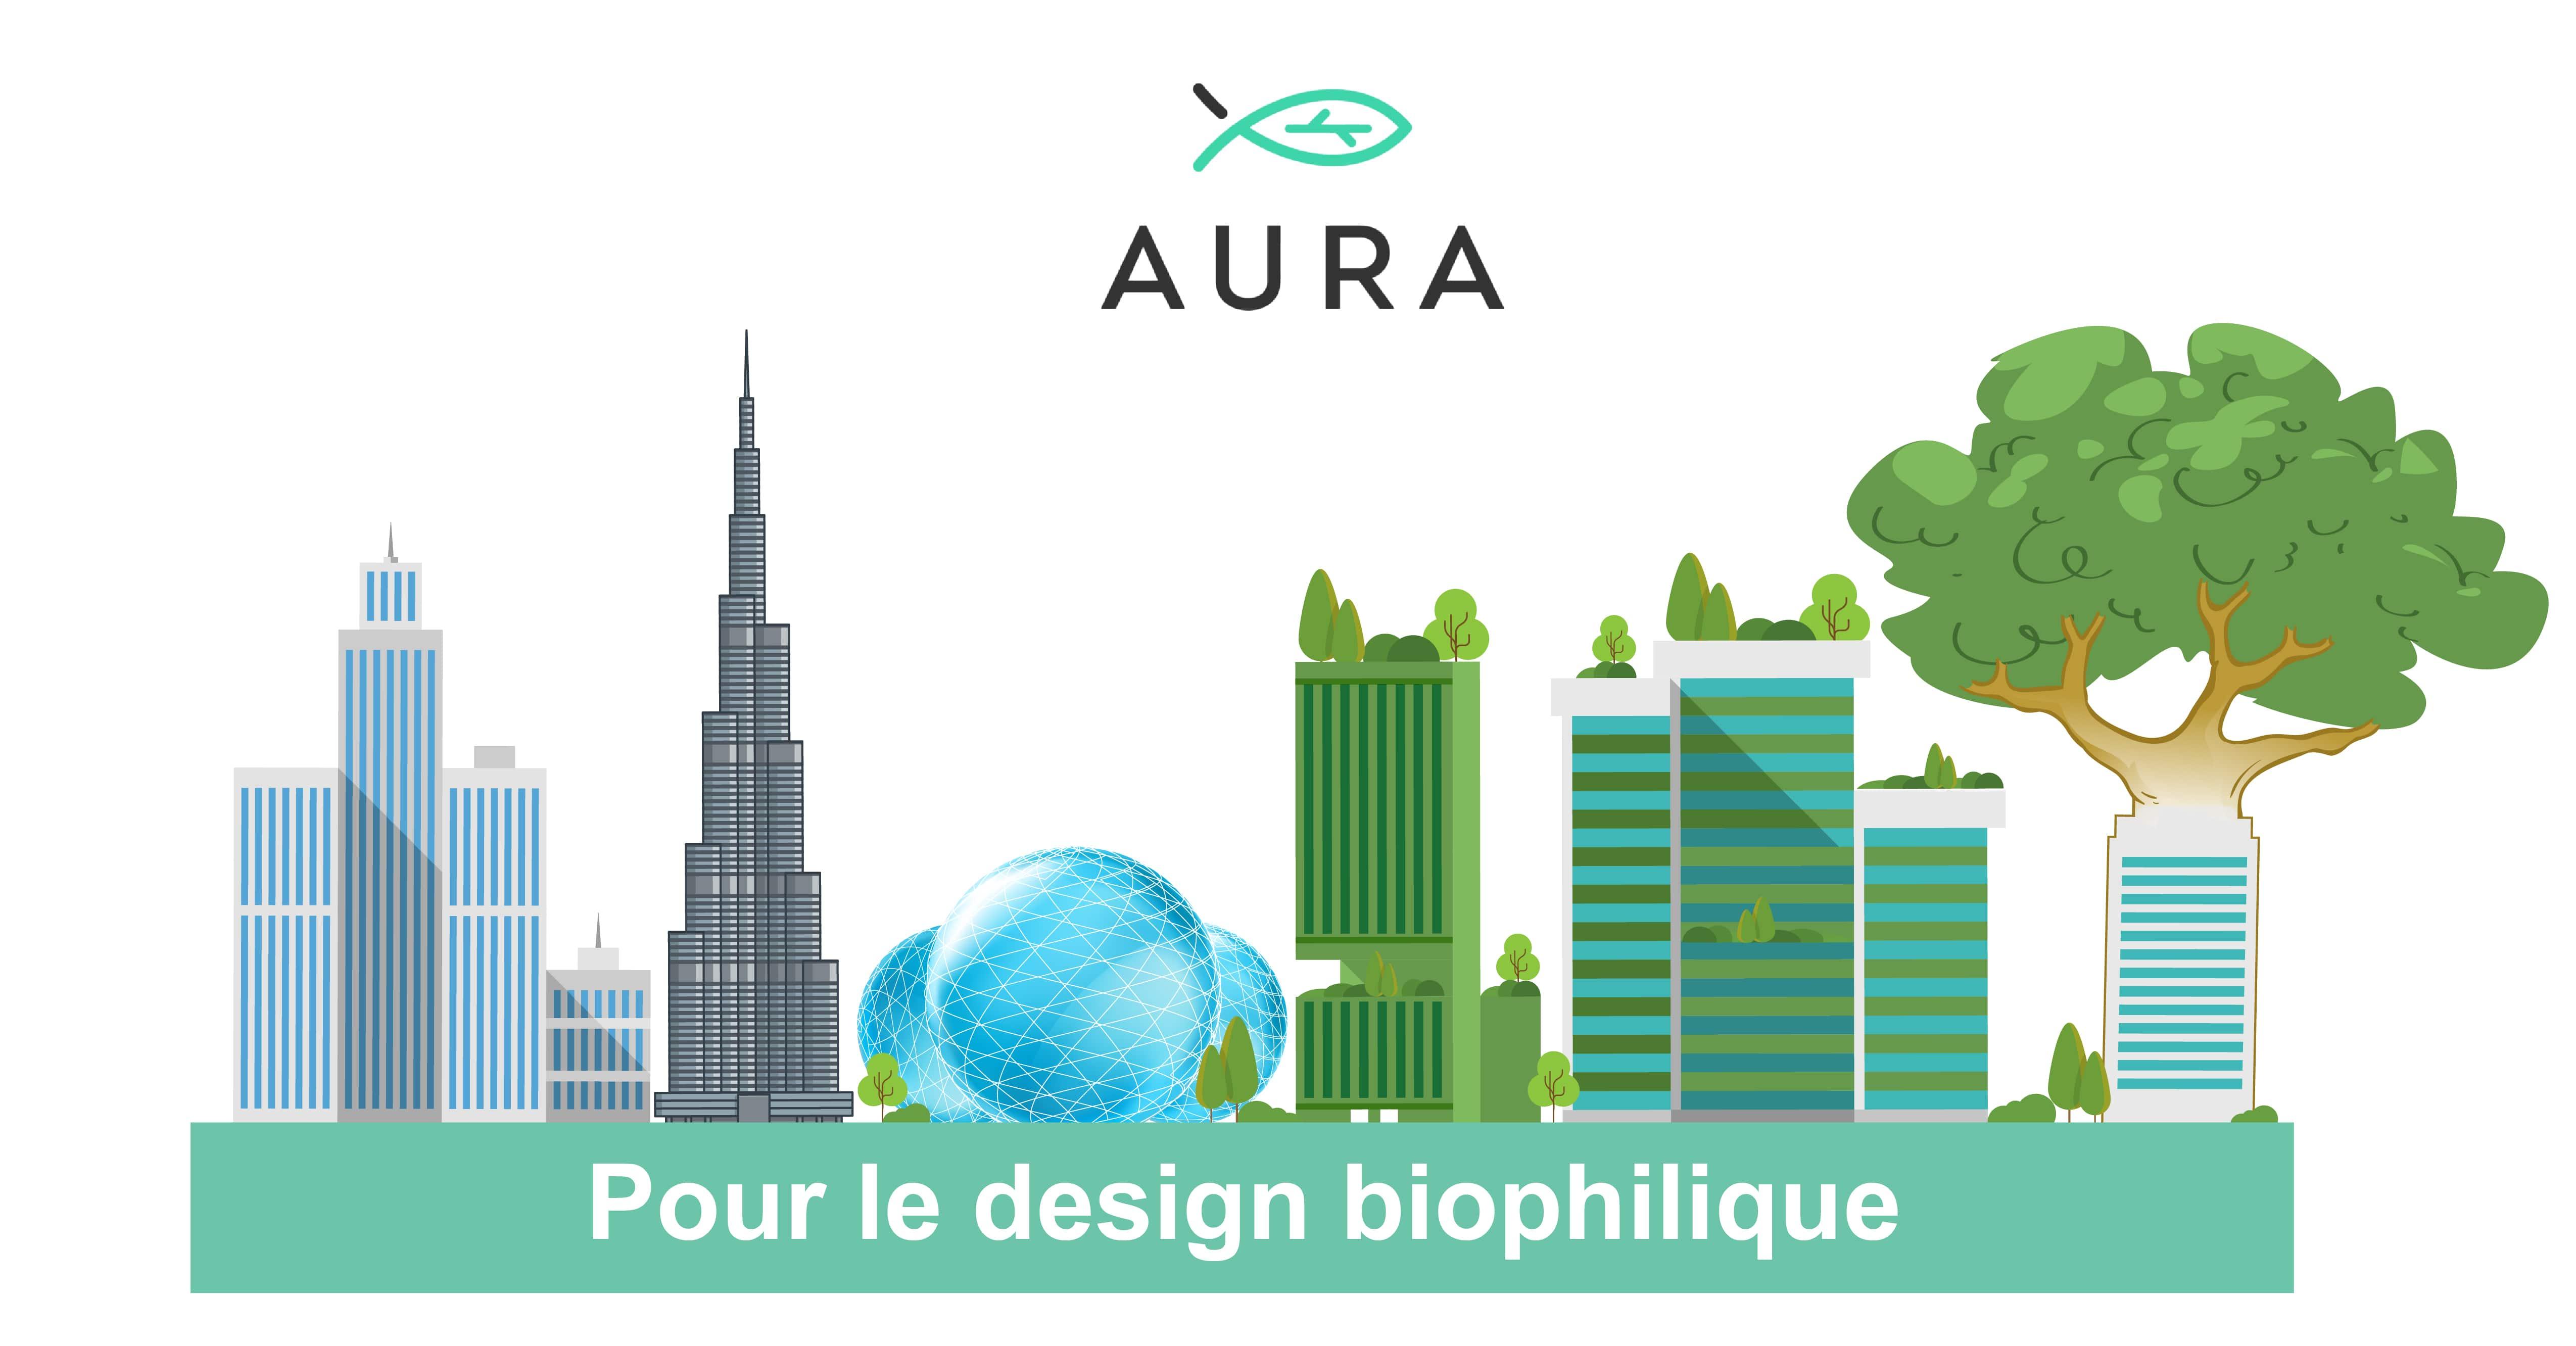 Pour le design biophilique